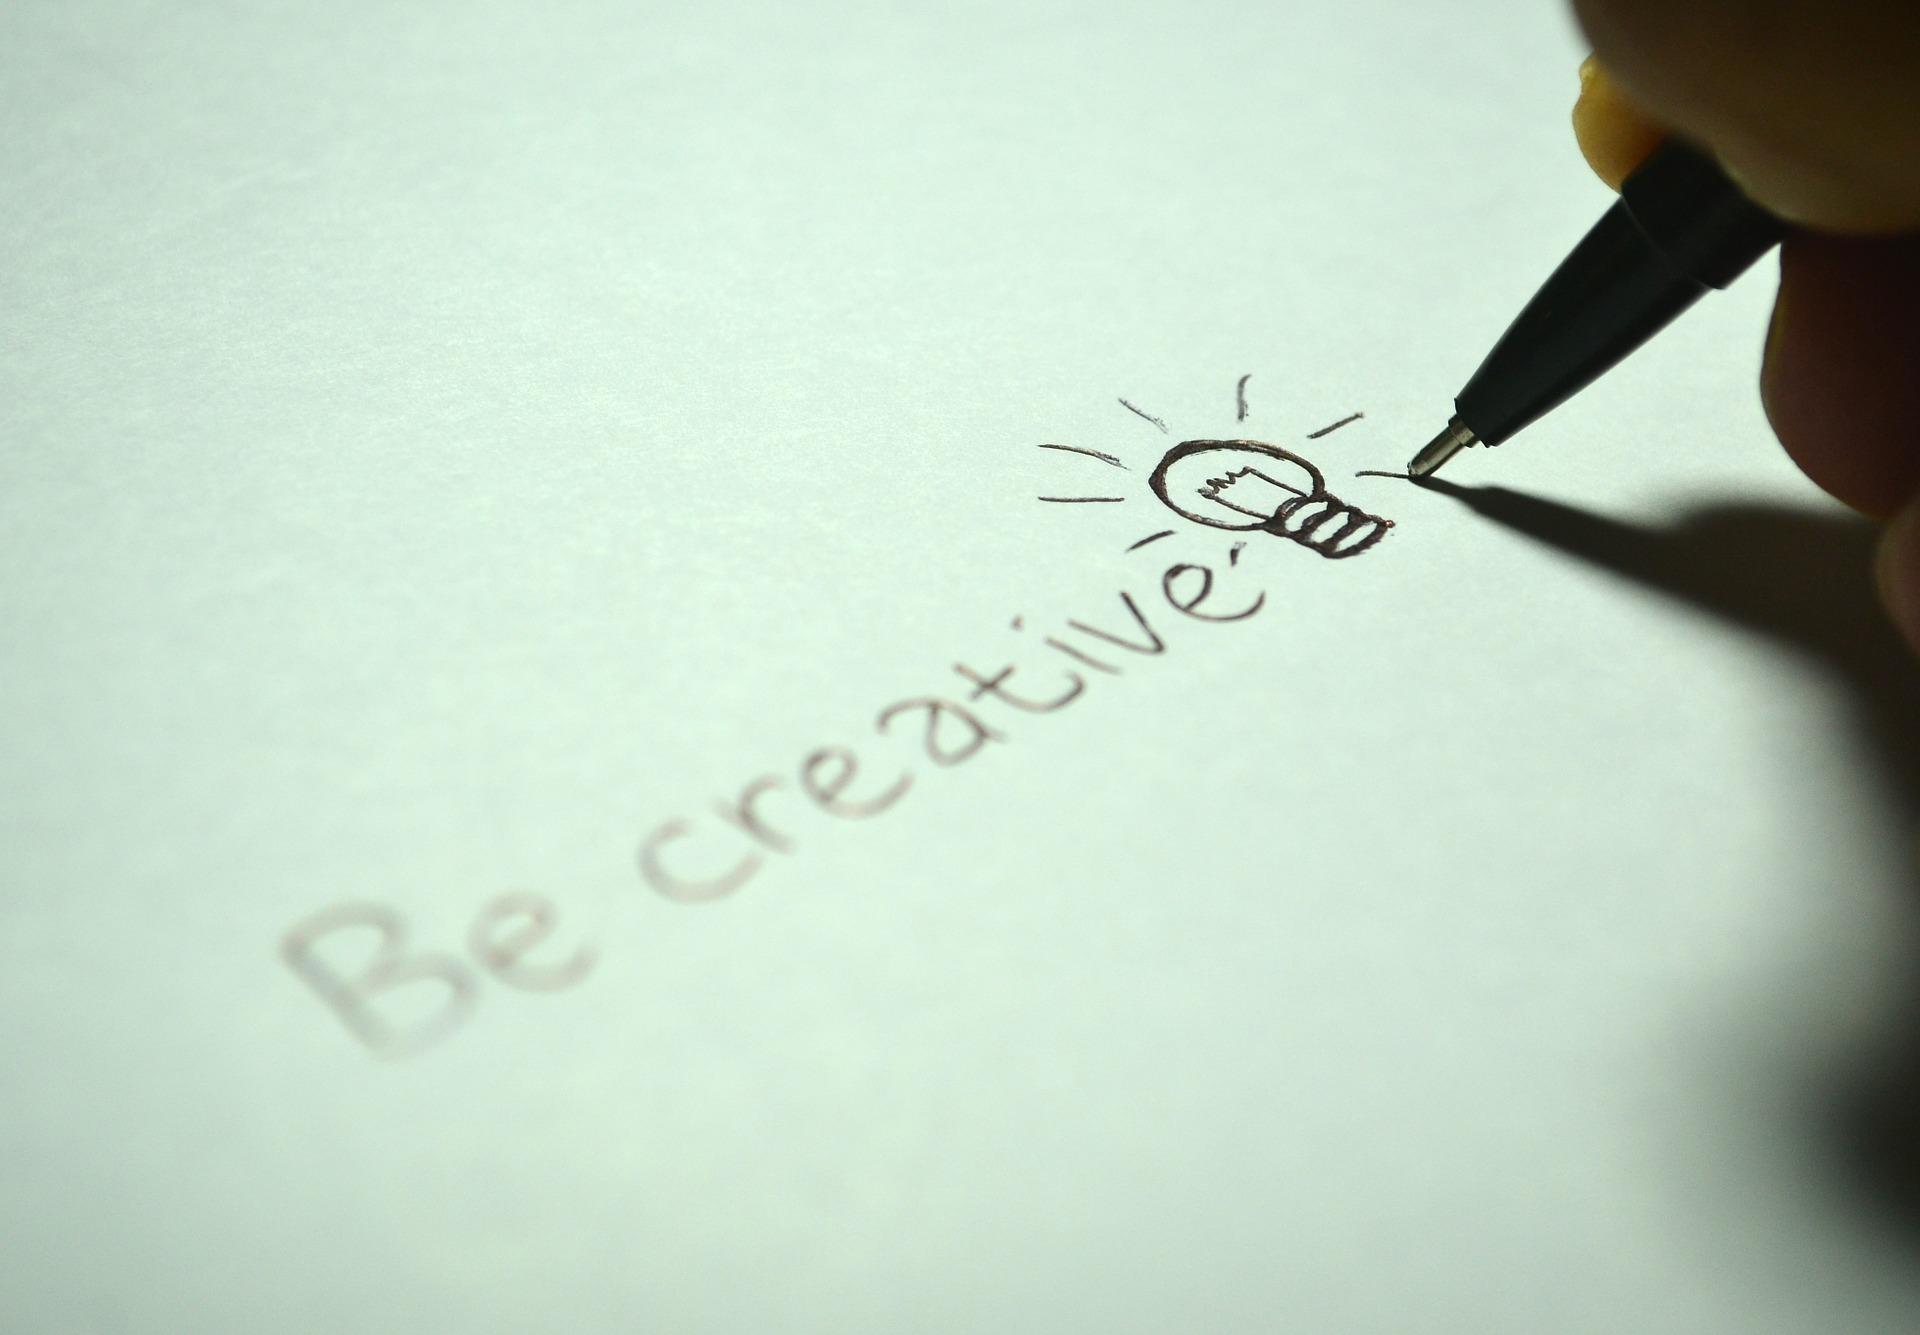 Bądź kreatywny - młodzi w akcji